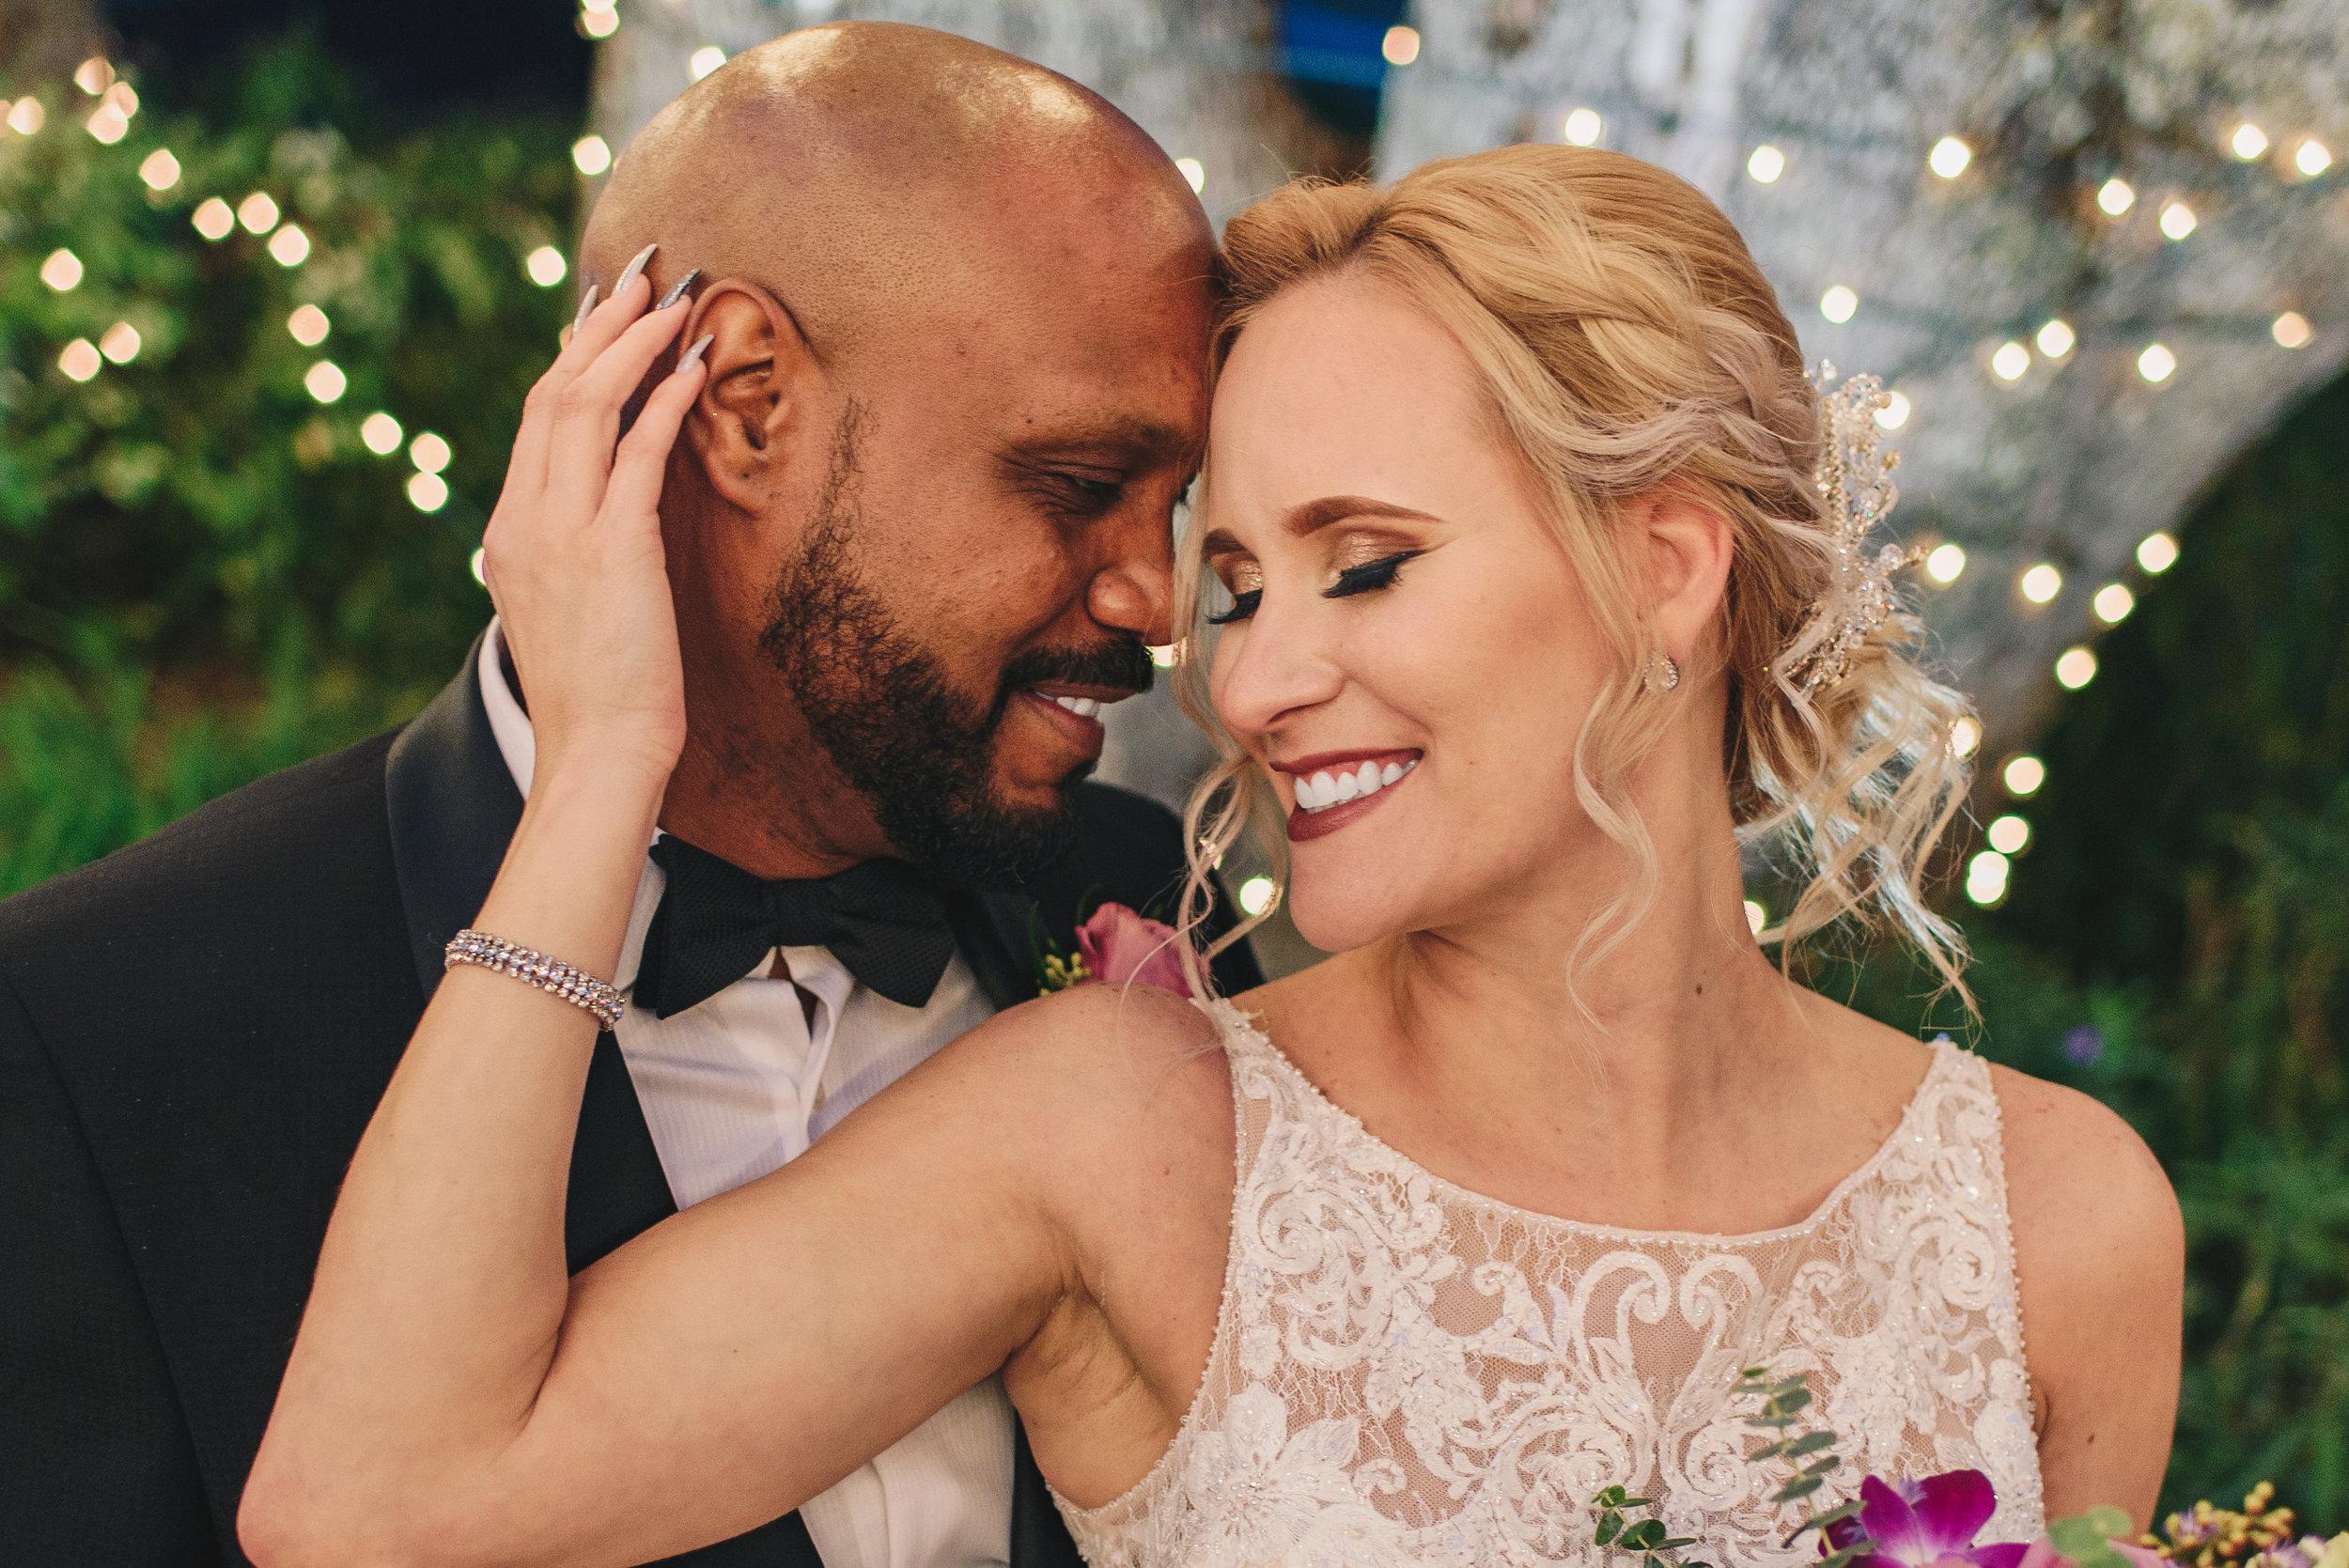 Los-Vargas-Photo-Wedding-Historic-Dubsdread-Ballroom-8808.jpg